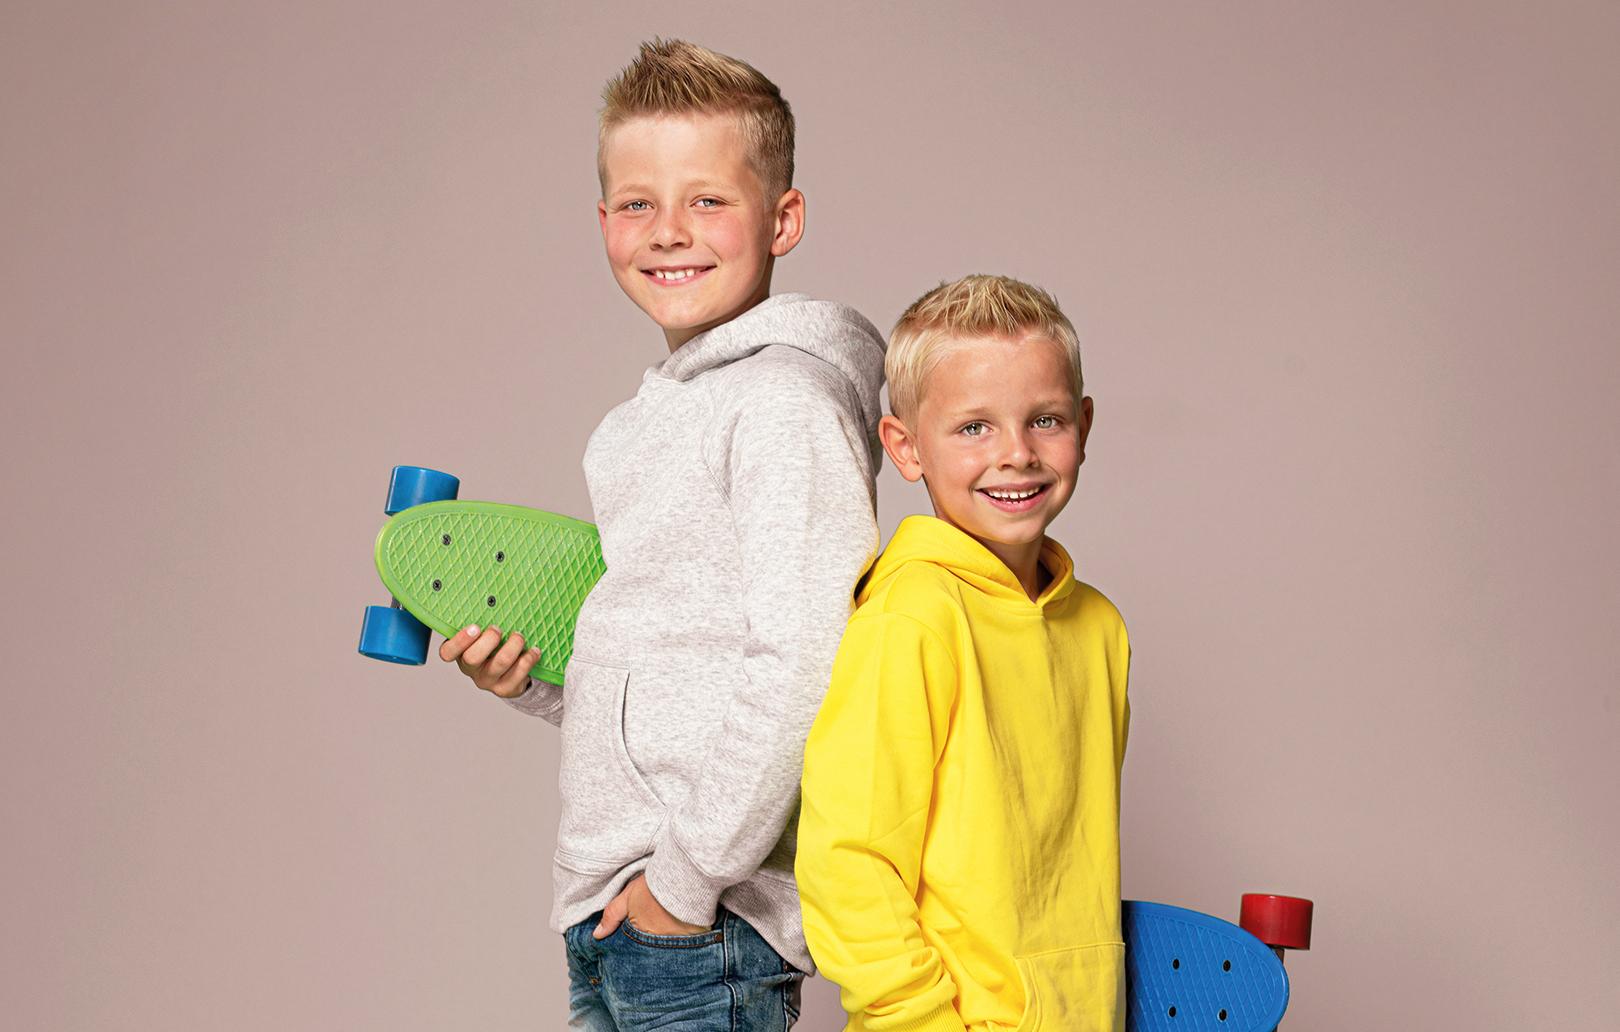 familien-fotoshooting-saarbruecken-bg21612959934